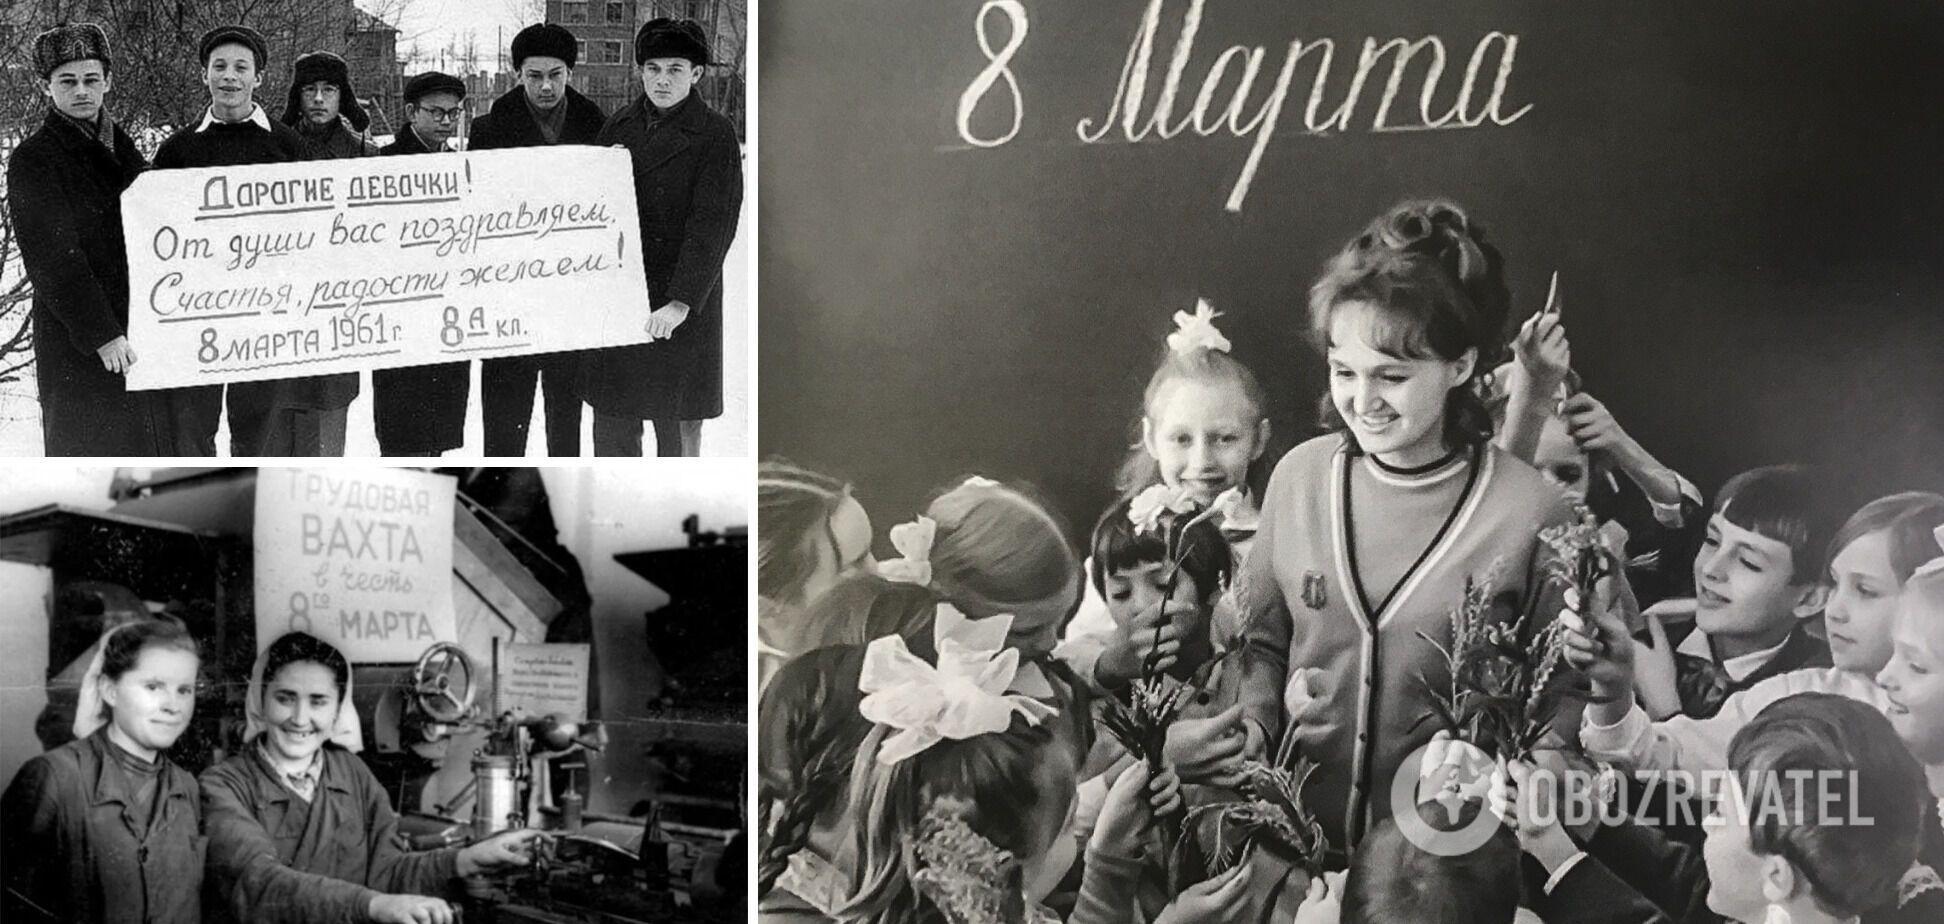 8 березня – фальшиве 'свято' в СРСР